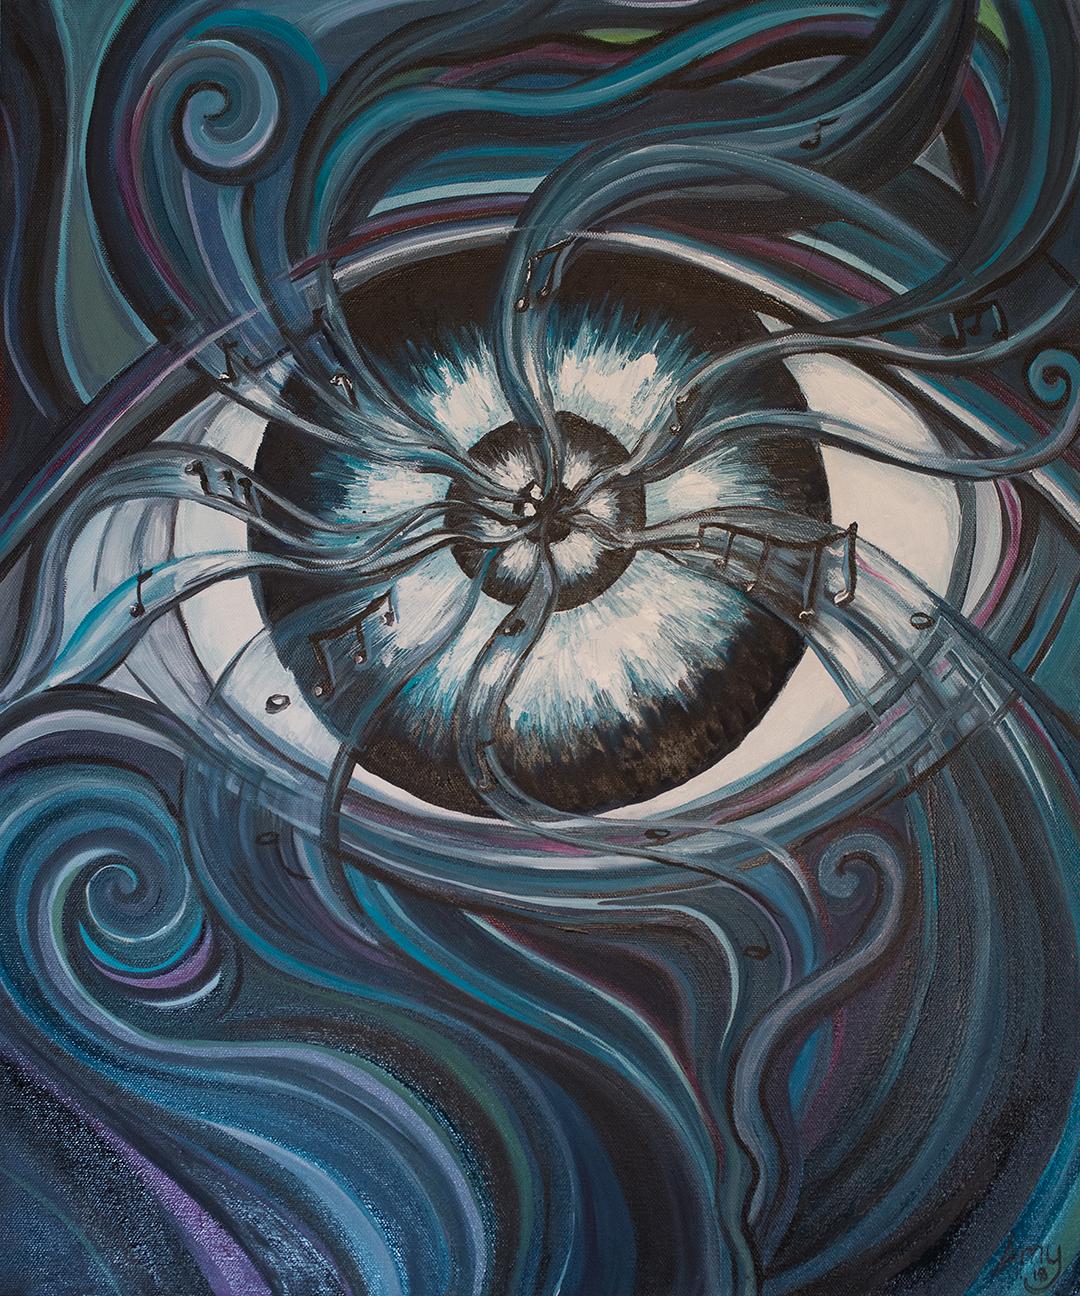 EyeHere